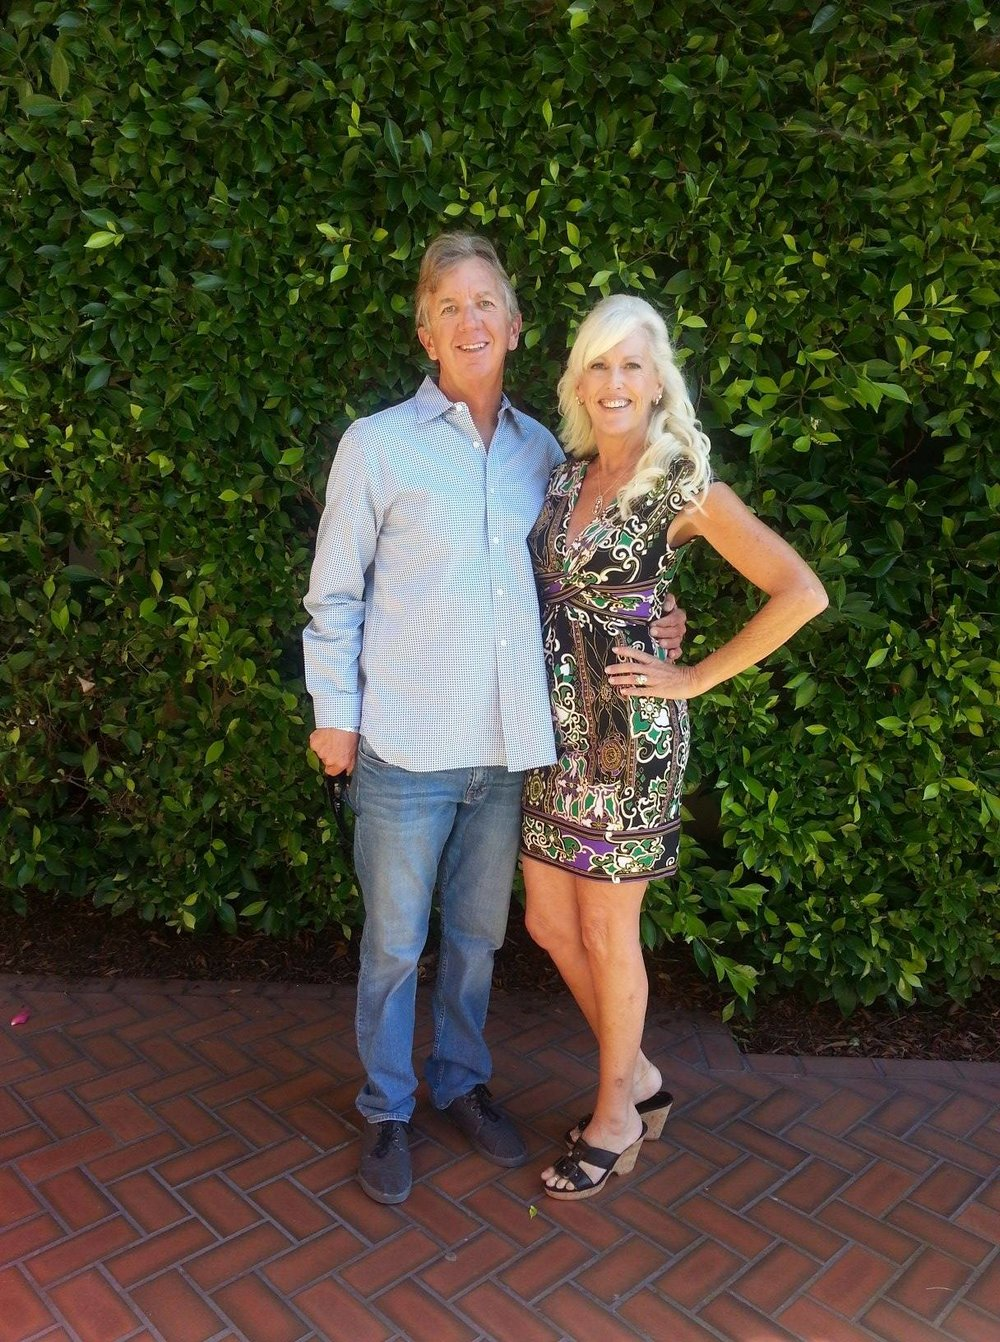 Glen and Dee Dee Chapman